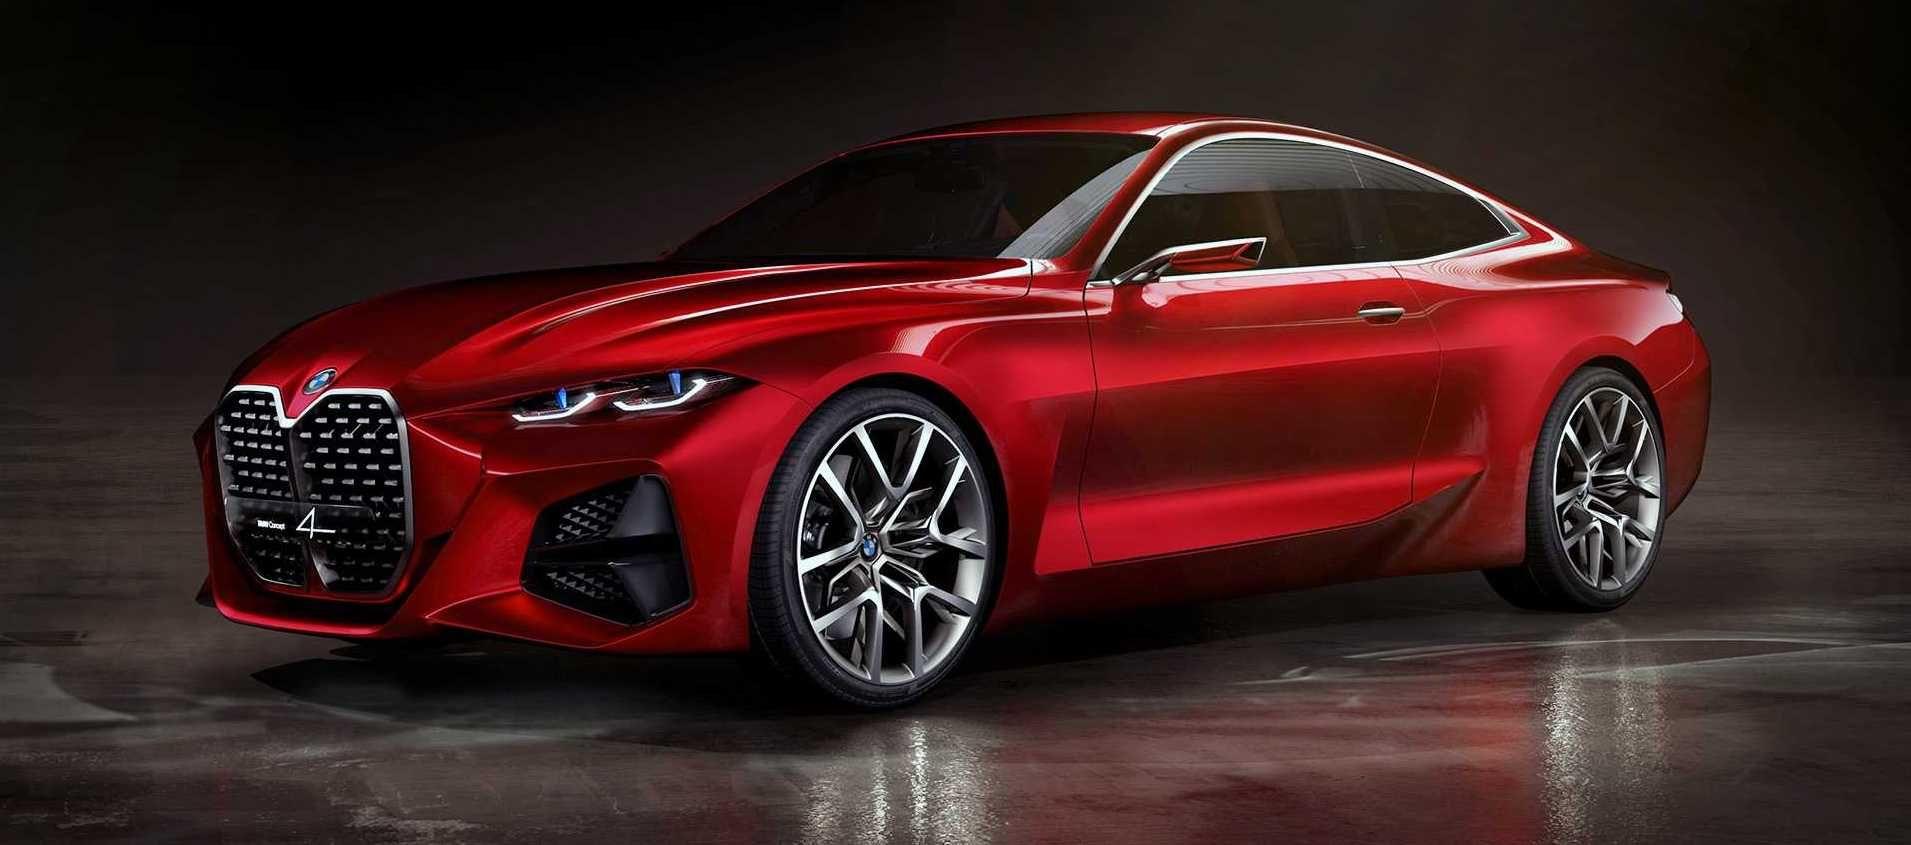 BMW Concept 4 la Série 4 Coupé en approche Bmw série 4